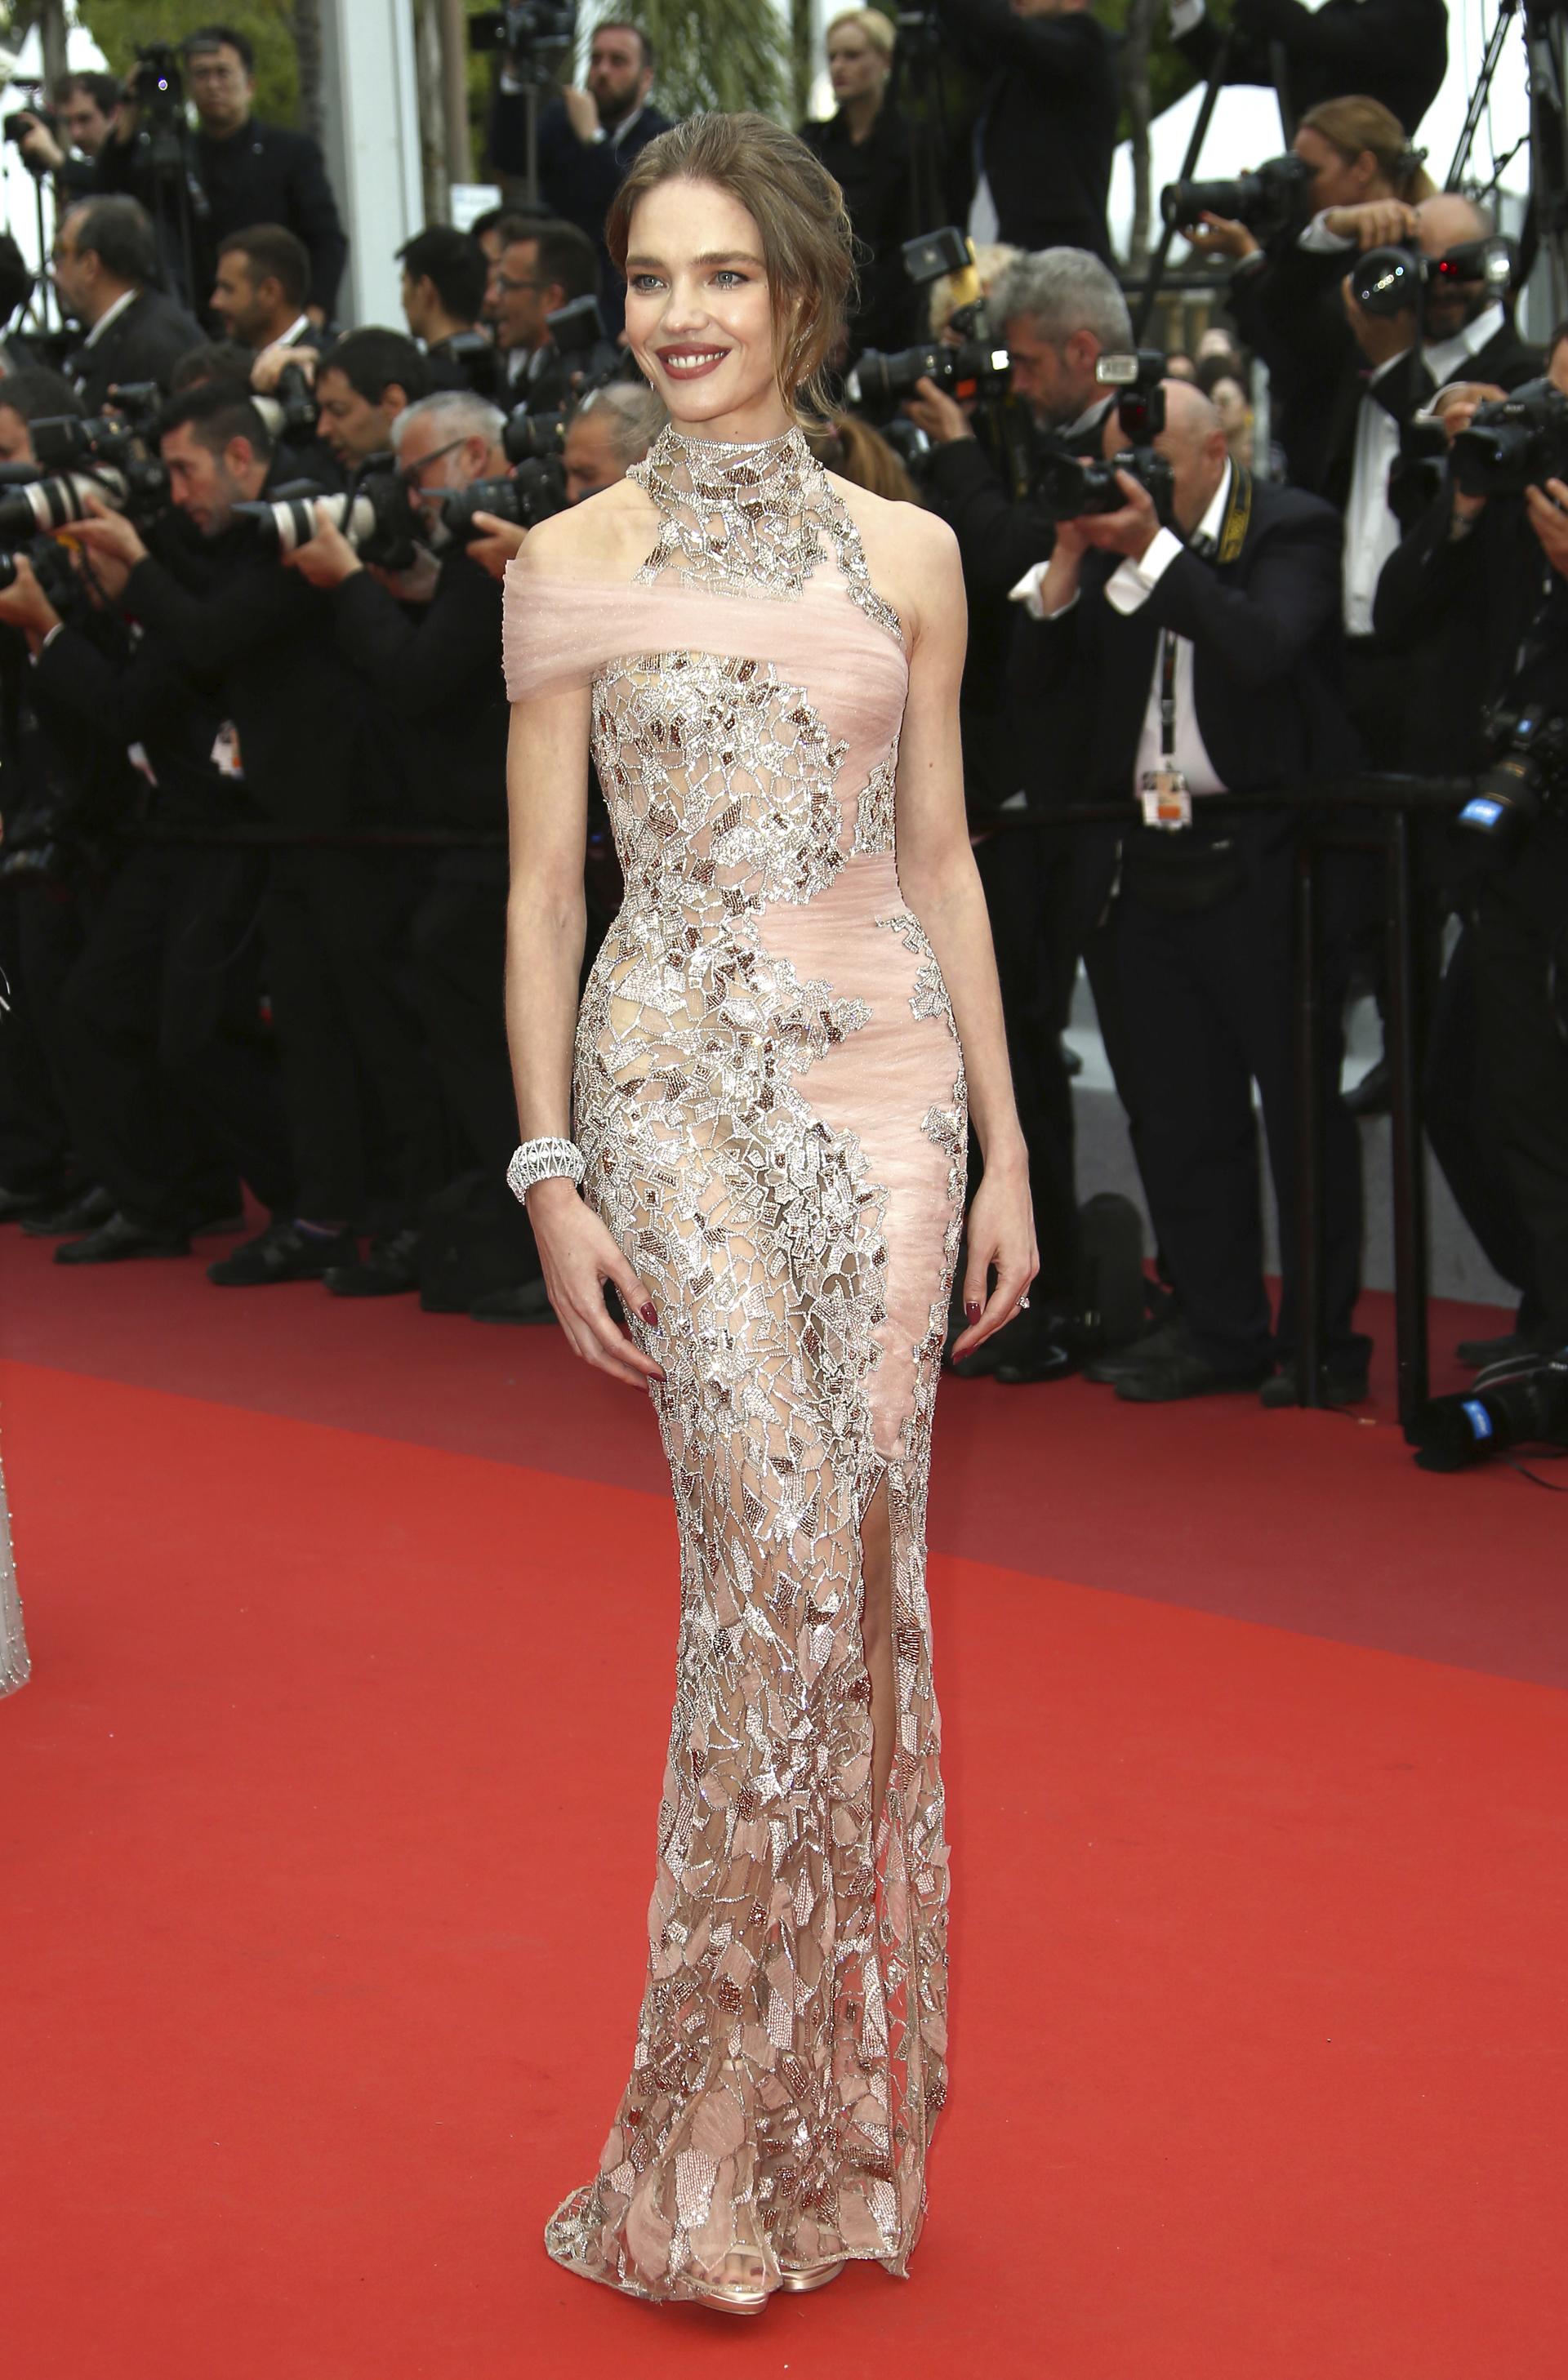 Natalia Vodianova lució un diseño traslúcido con cuello halter y drapeado con detalles de apliques de espejos en todo el vestido.Como accesorio, brazalete de brillantes, y beauty look con boca bordó y peinado semi recogido